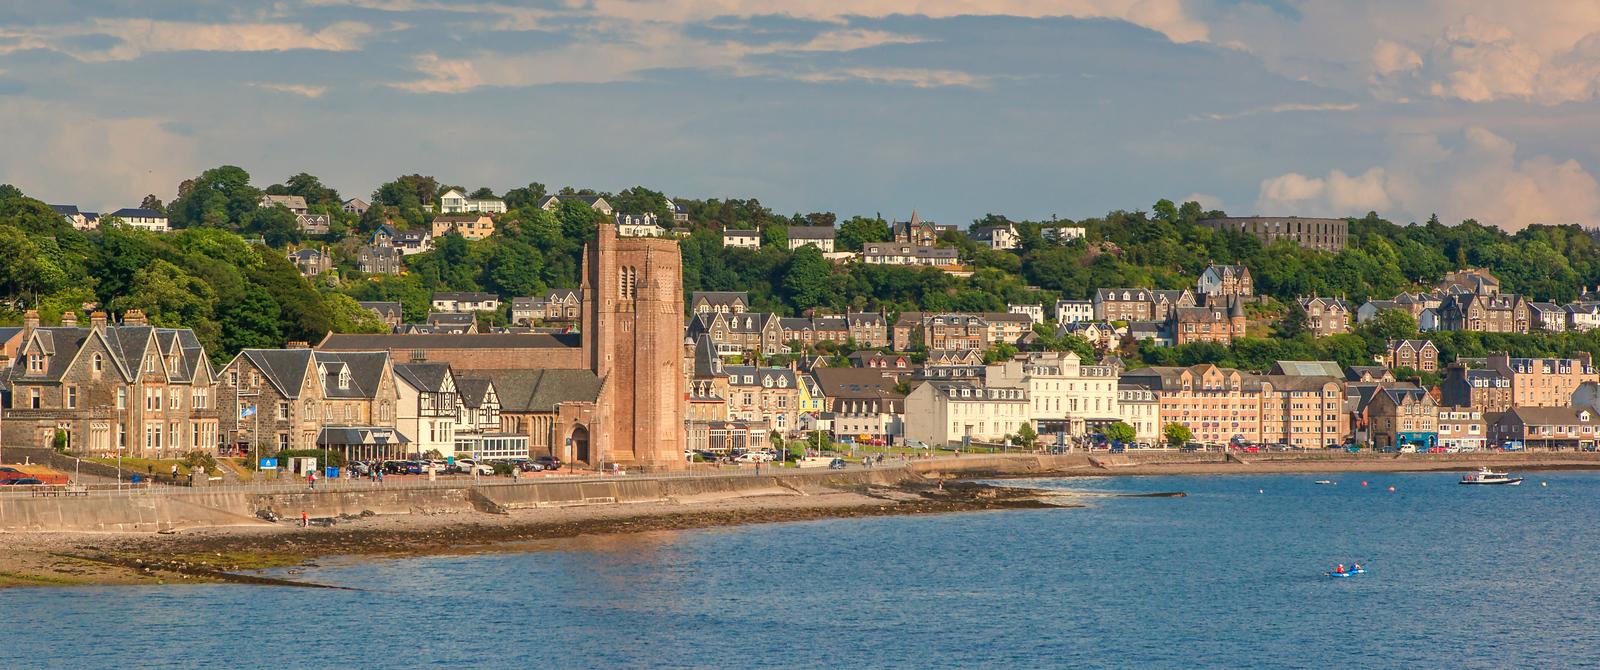 蘇格蘭美景,海邊的小鎮